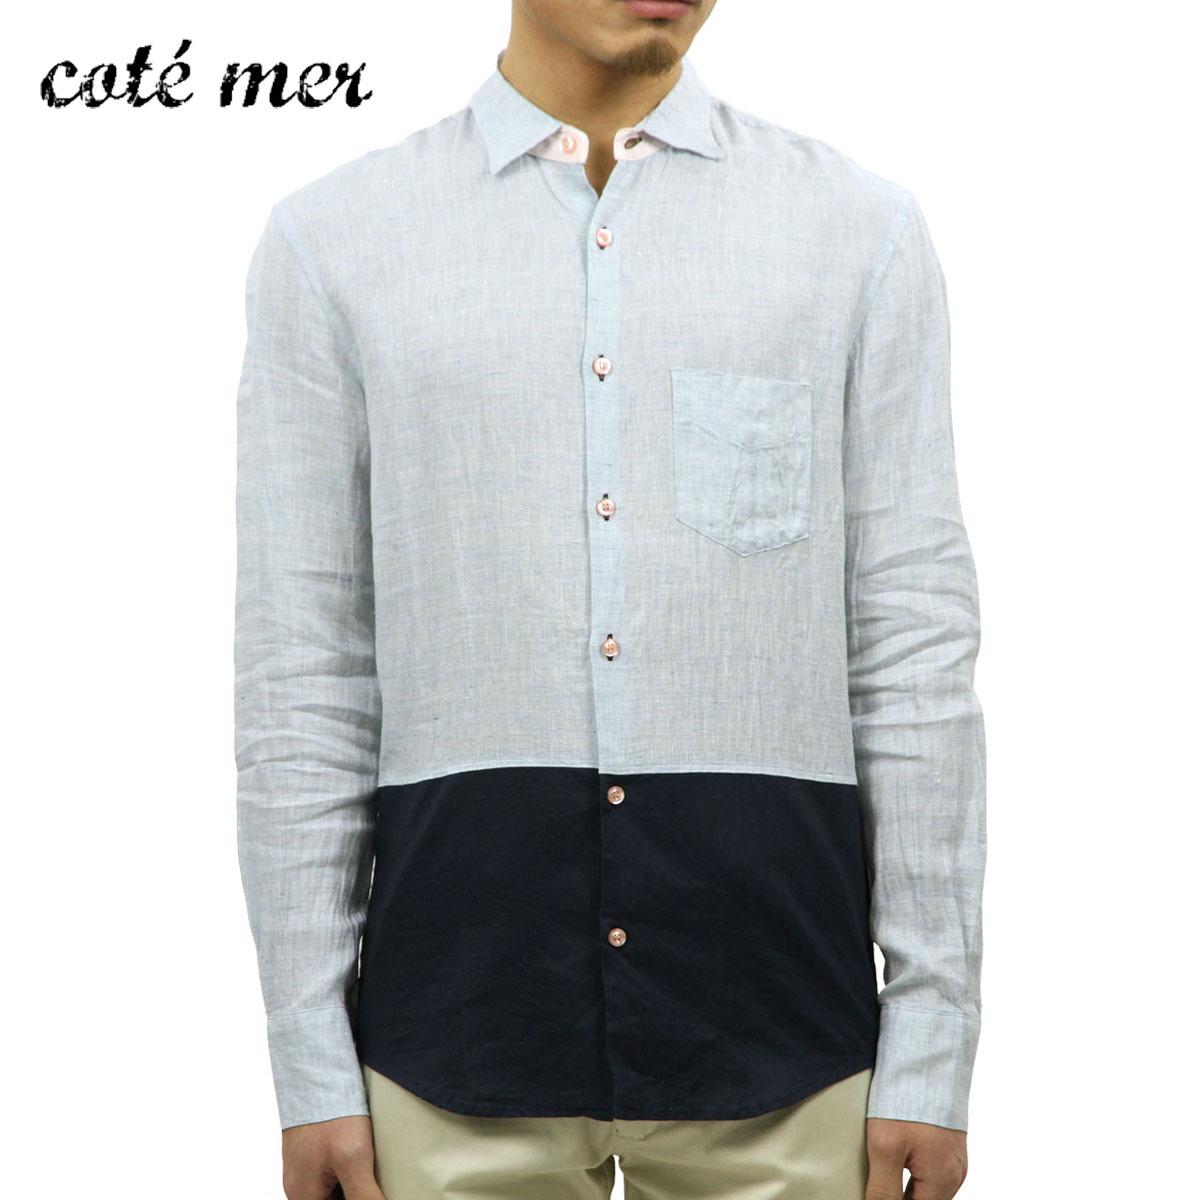 コートメール Cotemer 正規販売店 メンズ シャツ SHIRT SH-S13-013 NAVY-BLUE D15S25